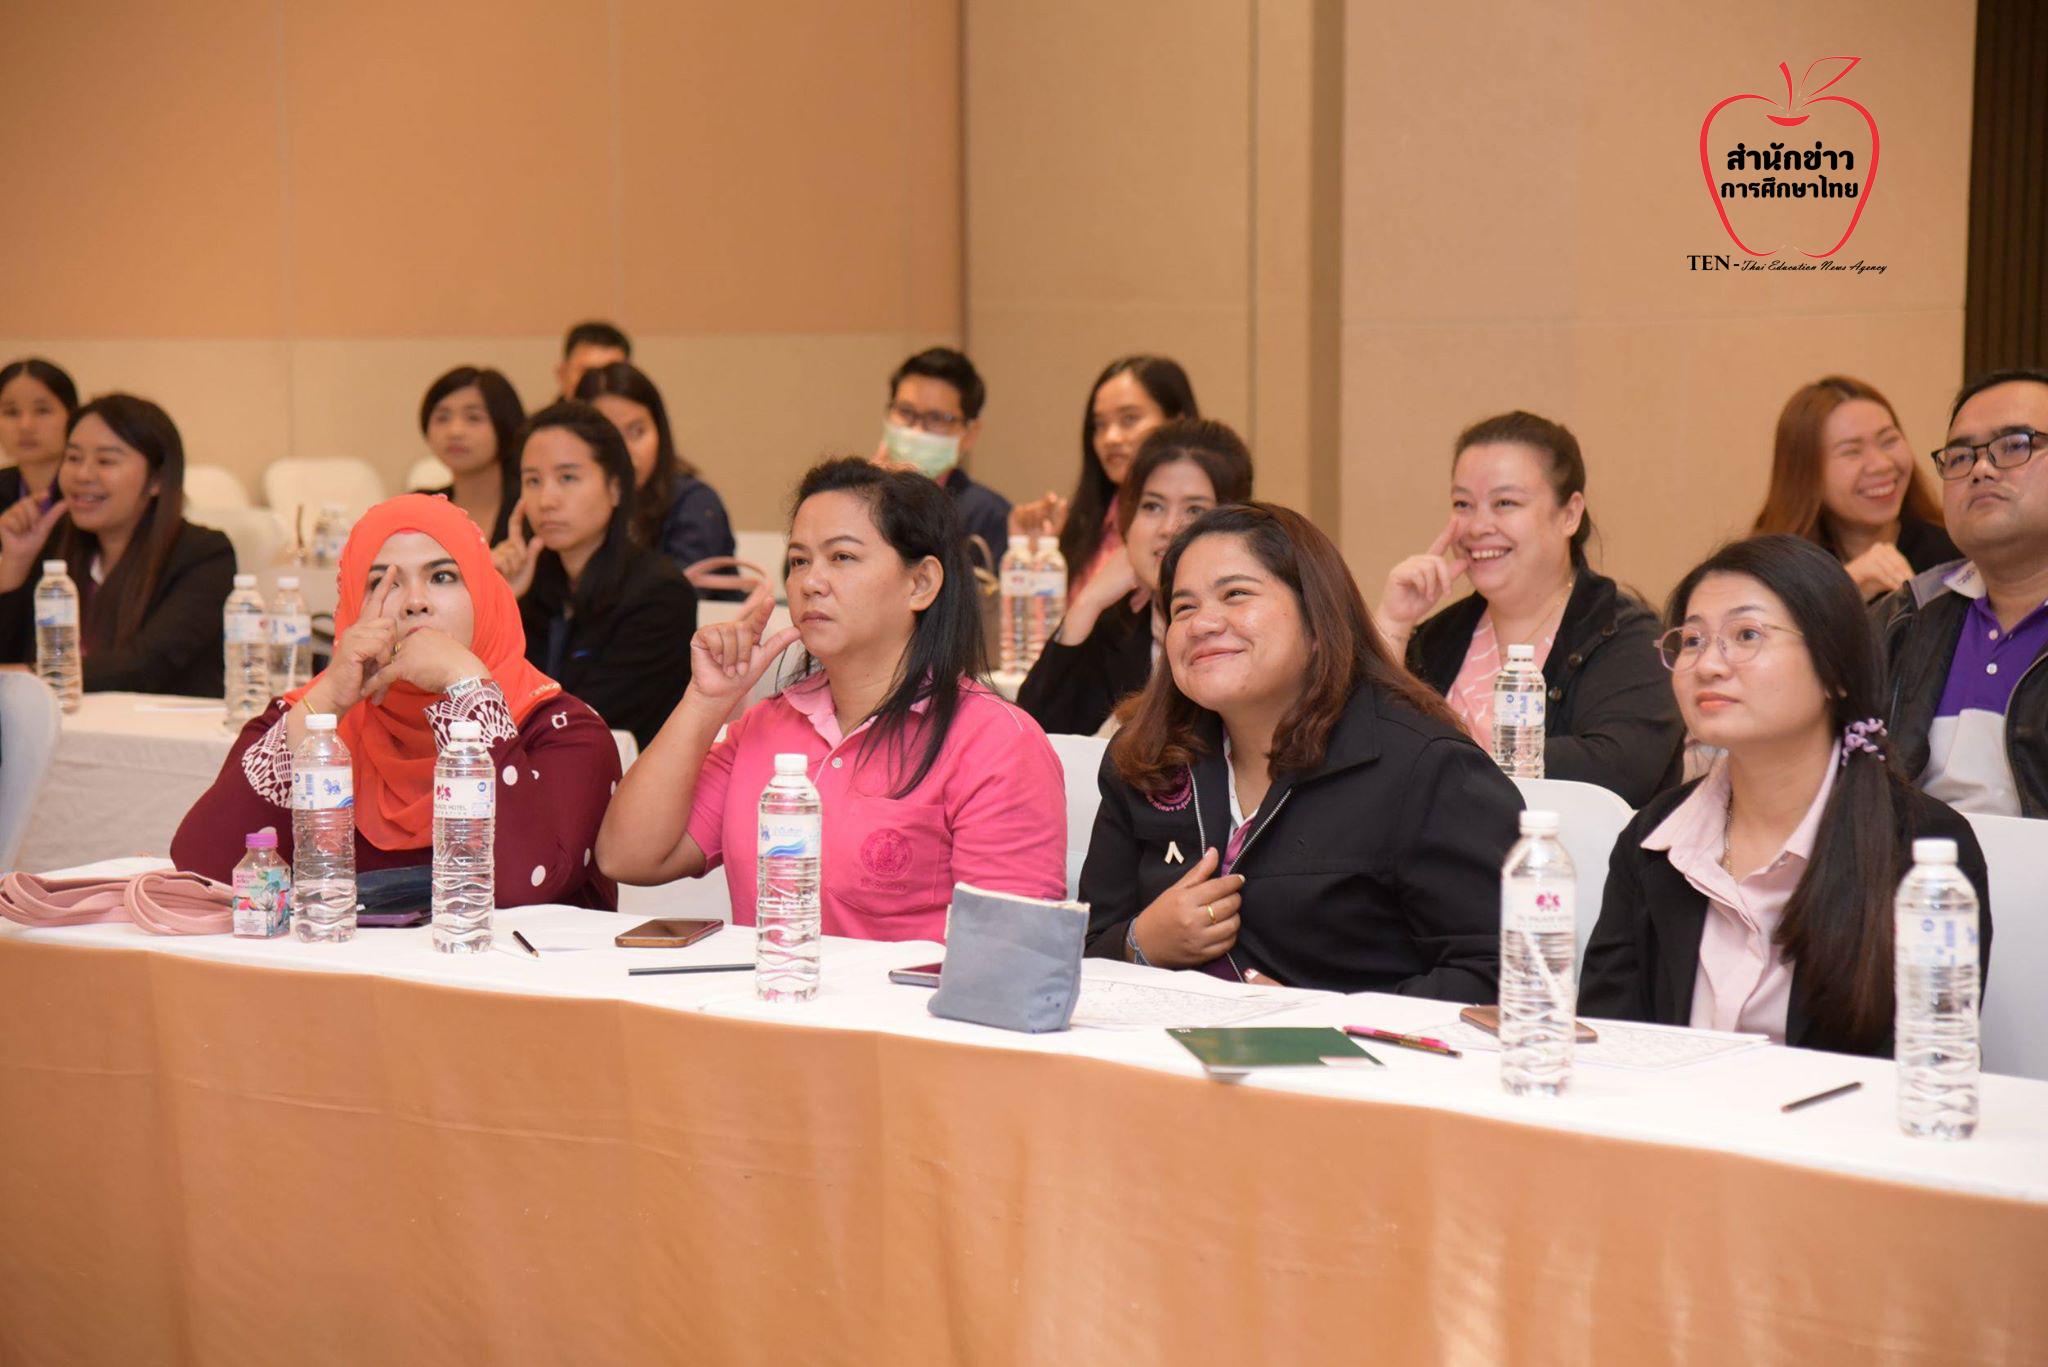 พก. จัดอบรมภาษามือไทยเพื่อการสื่อสาร ให้ หน่วยงานในสังกัด หวังเพิ่มประสิทธิภาพในการให้บริการ คนหูหนวก